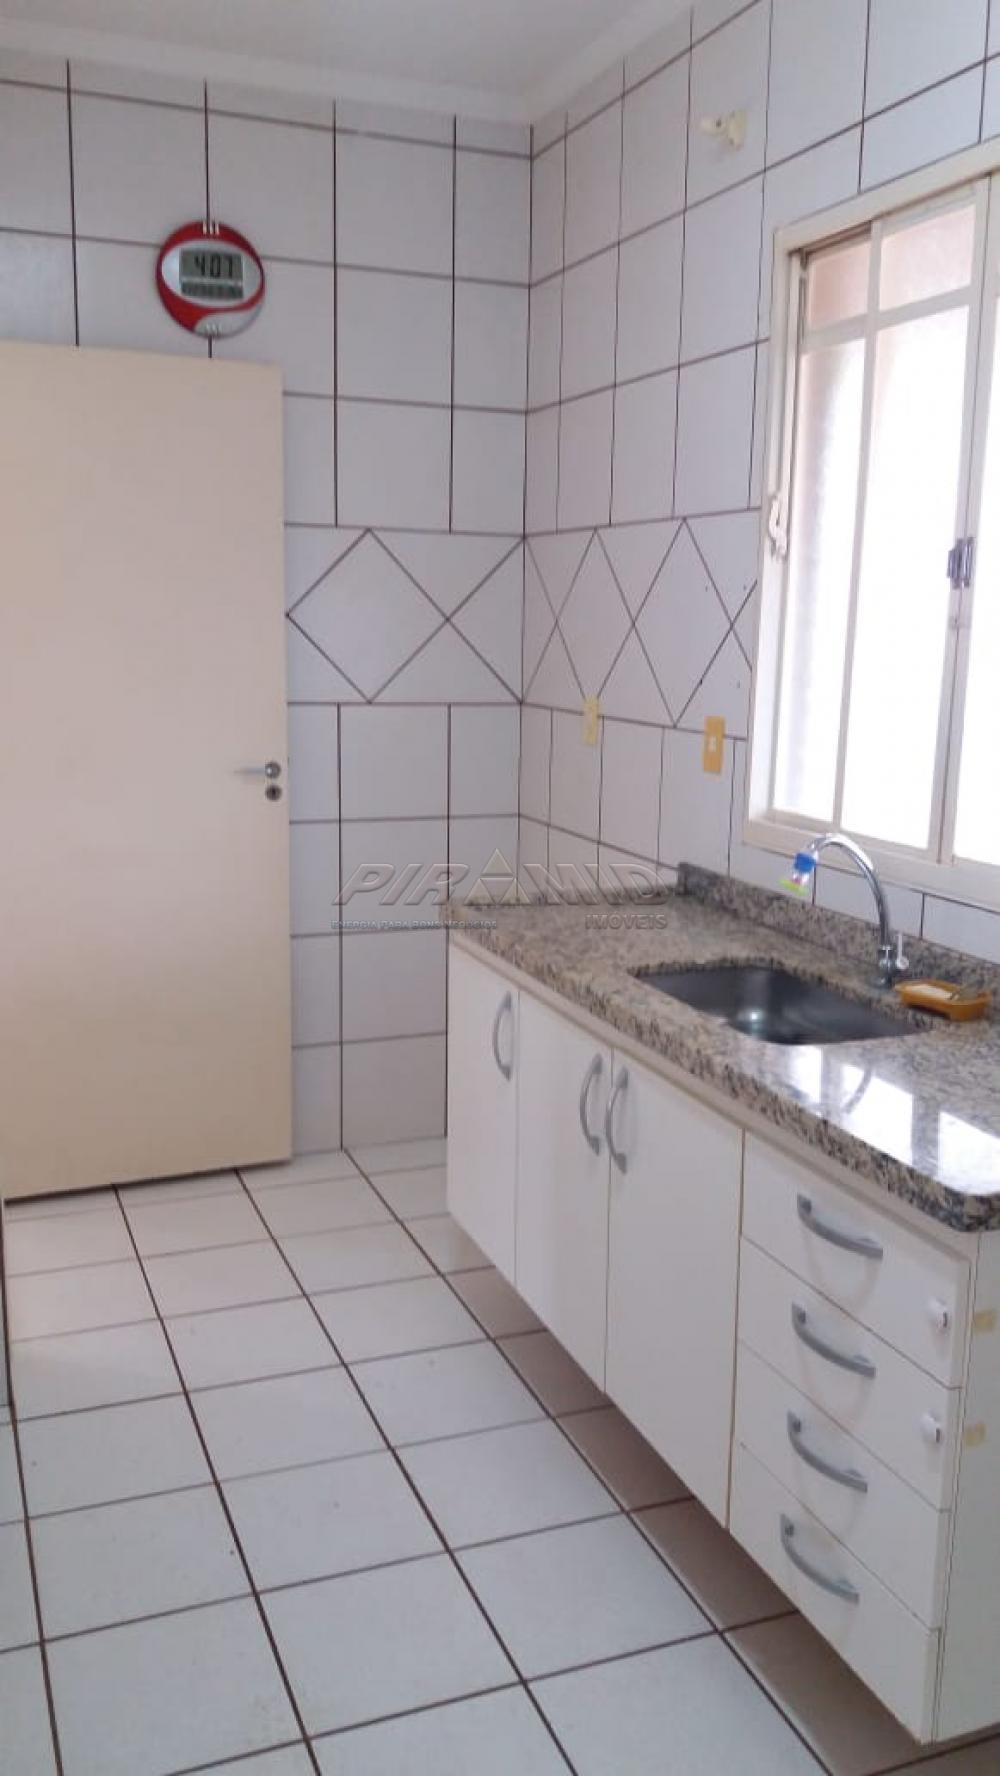 Comprar Casa / Condomínio em Ribeirão Preto apenas R$ 350.000,00 - Foto 10